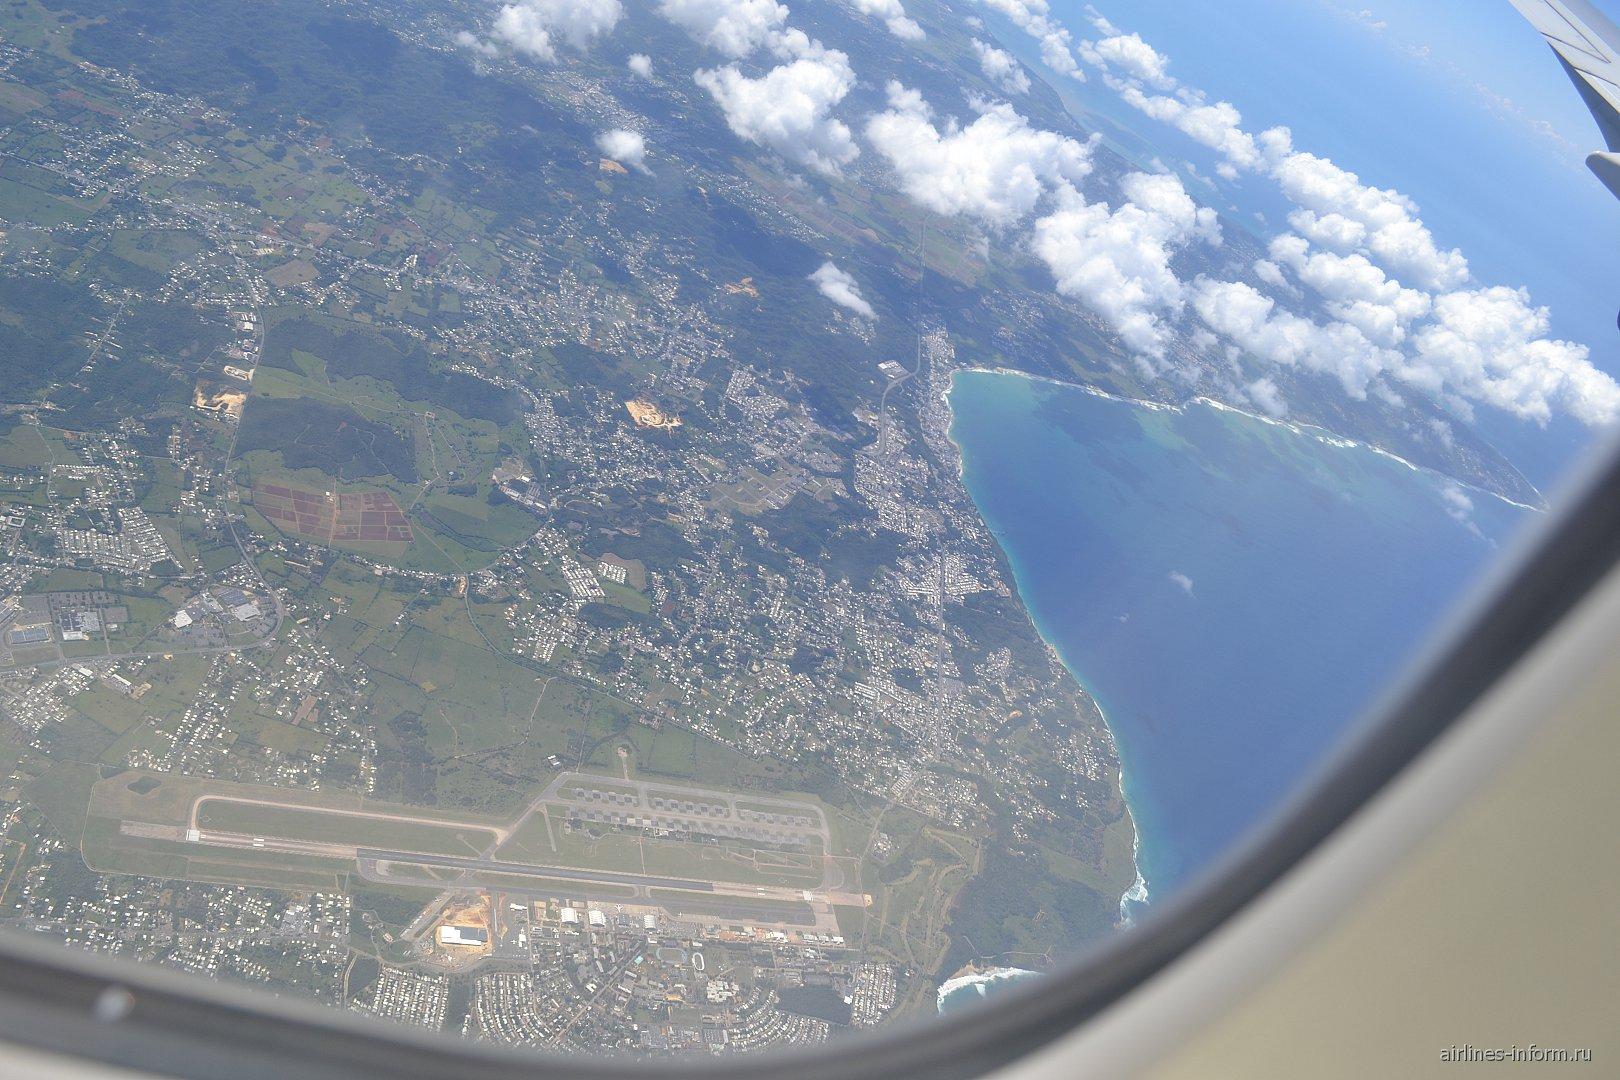 Город Агуадилья и аэропорт Рафаэль Эрнандес в Пуэрто-Рико